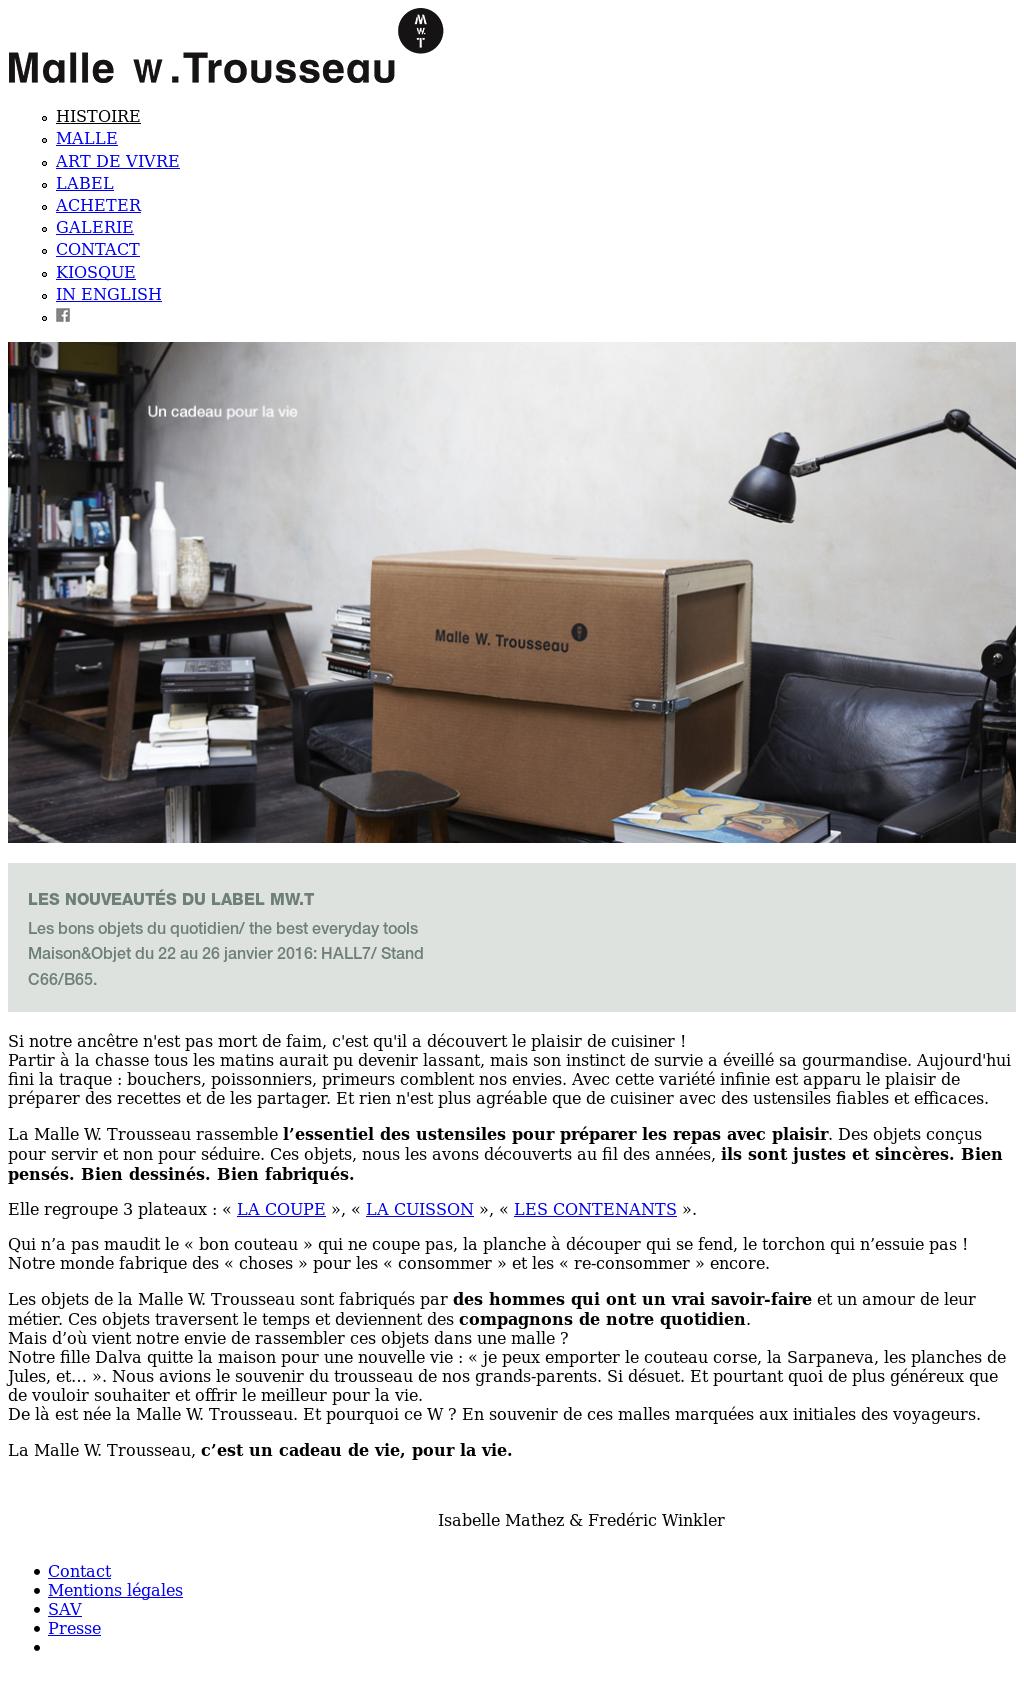 Malle Bar Maison Du Monde malle w. trousseau competitors, revenue and employees